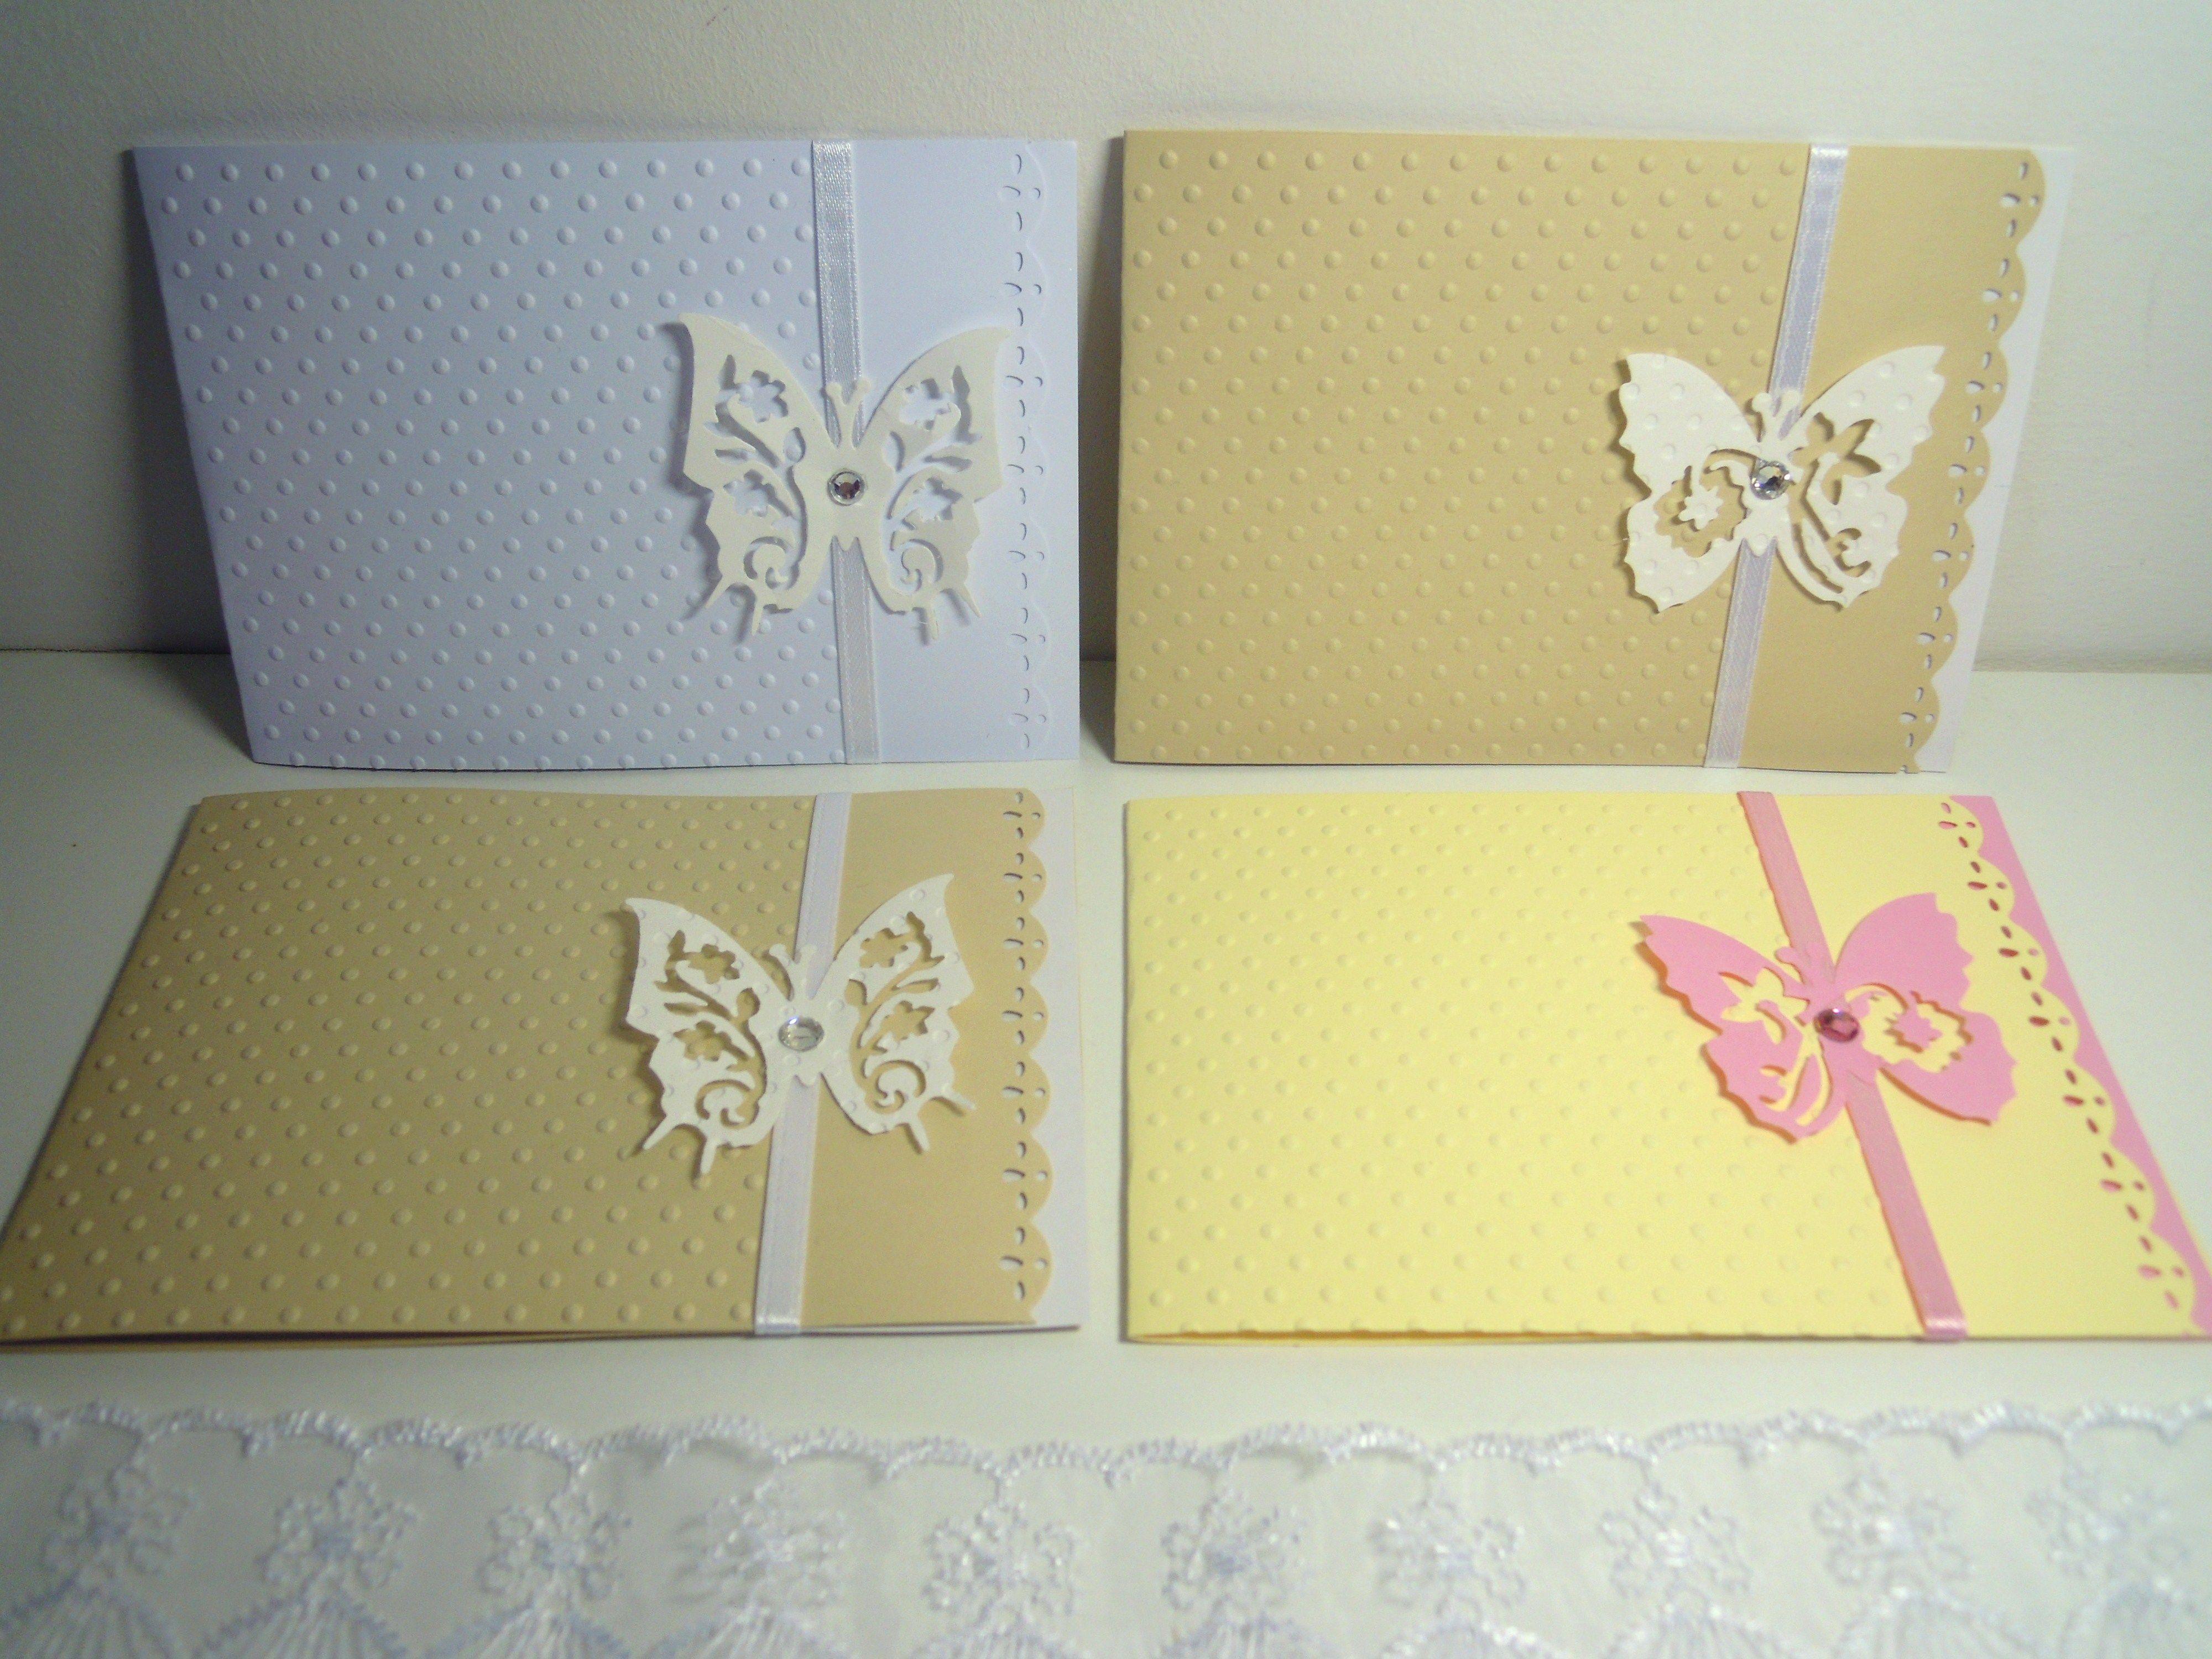 Partecipazioni Matrimonio Rettangolari.Partecipazioni Rettangolari Per Matrimonio In Cartoncino Color